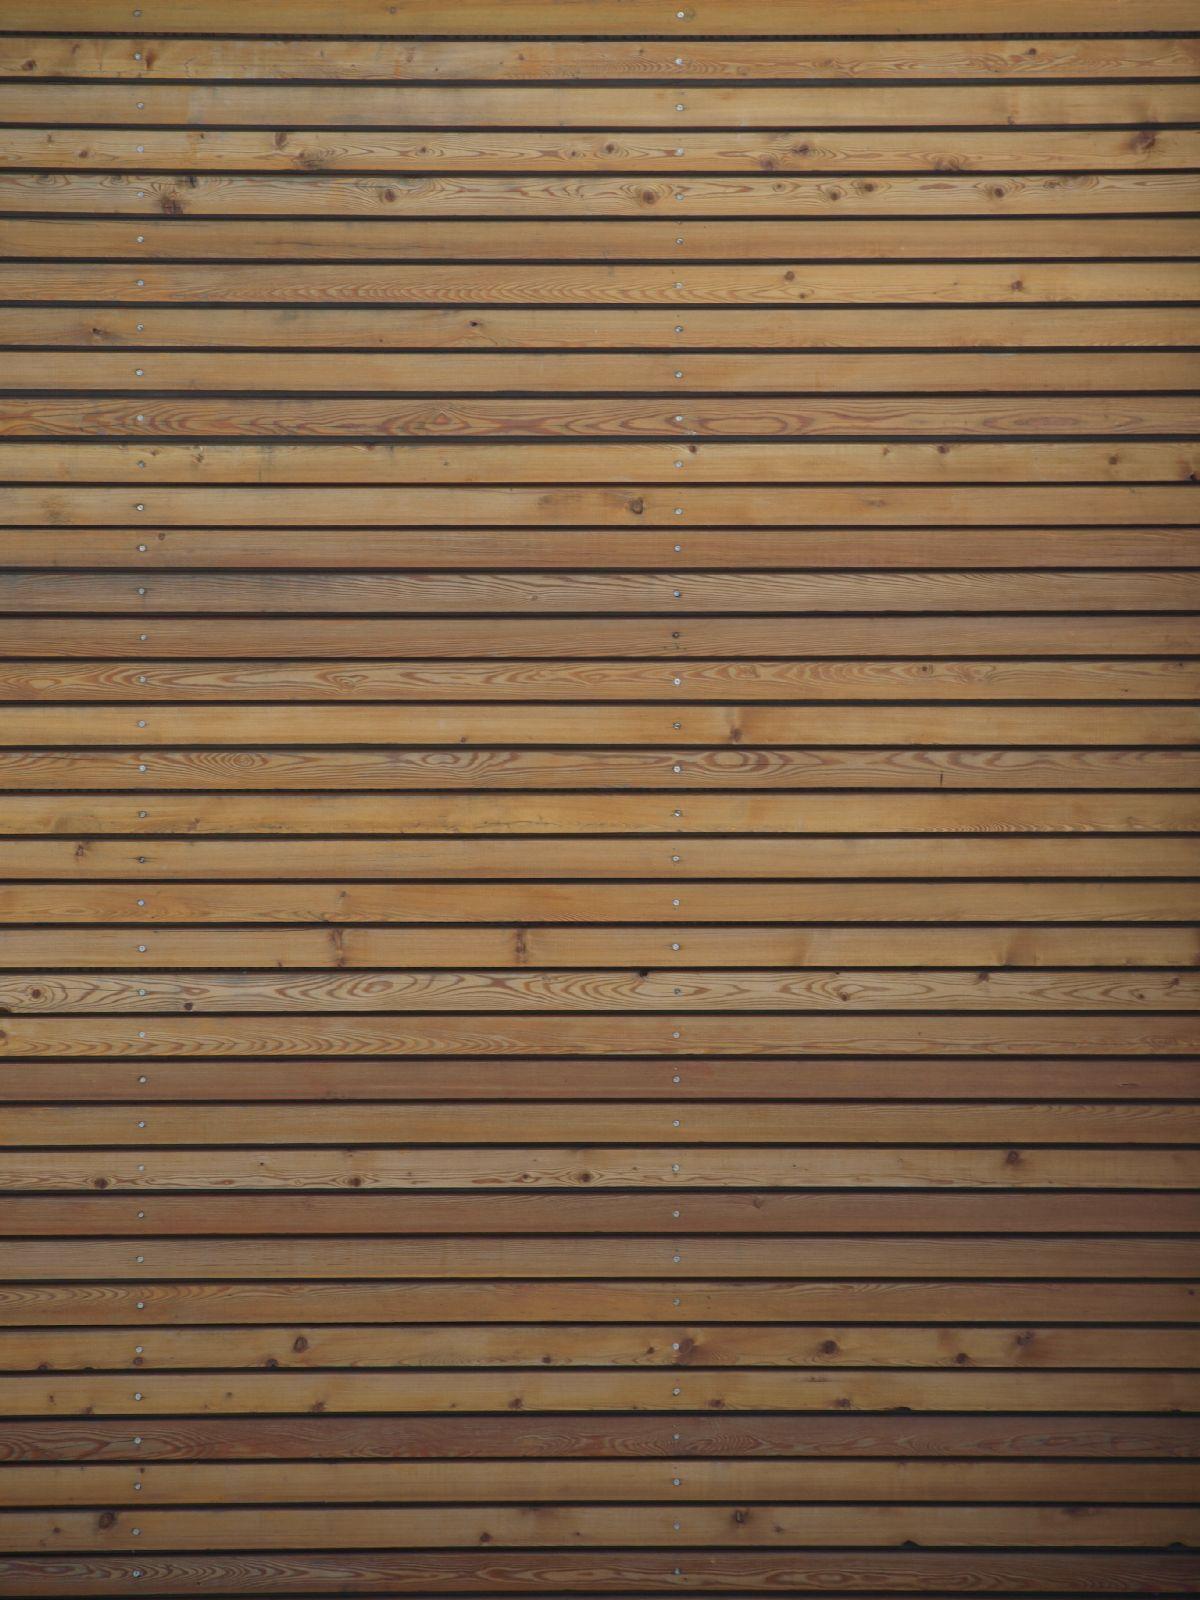 Holz_Textur_A_P9269855